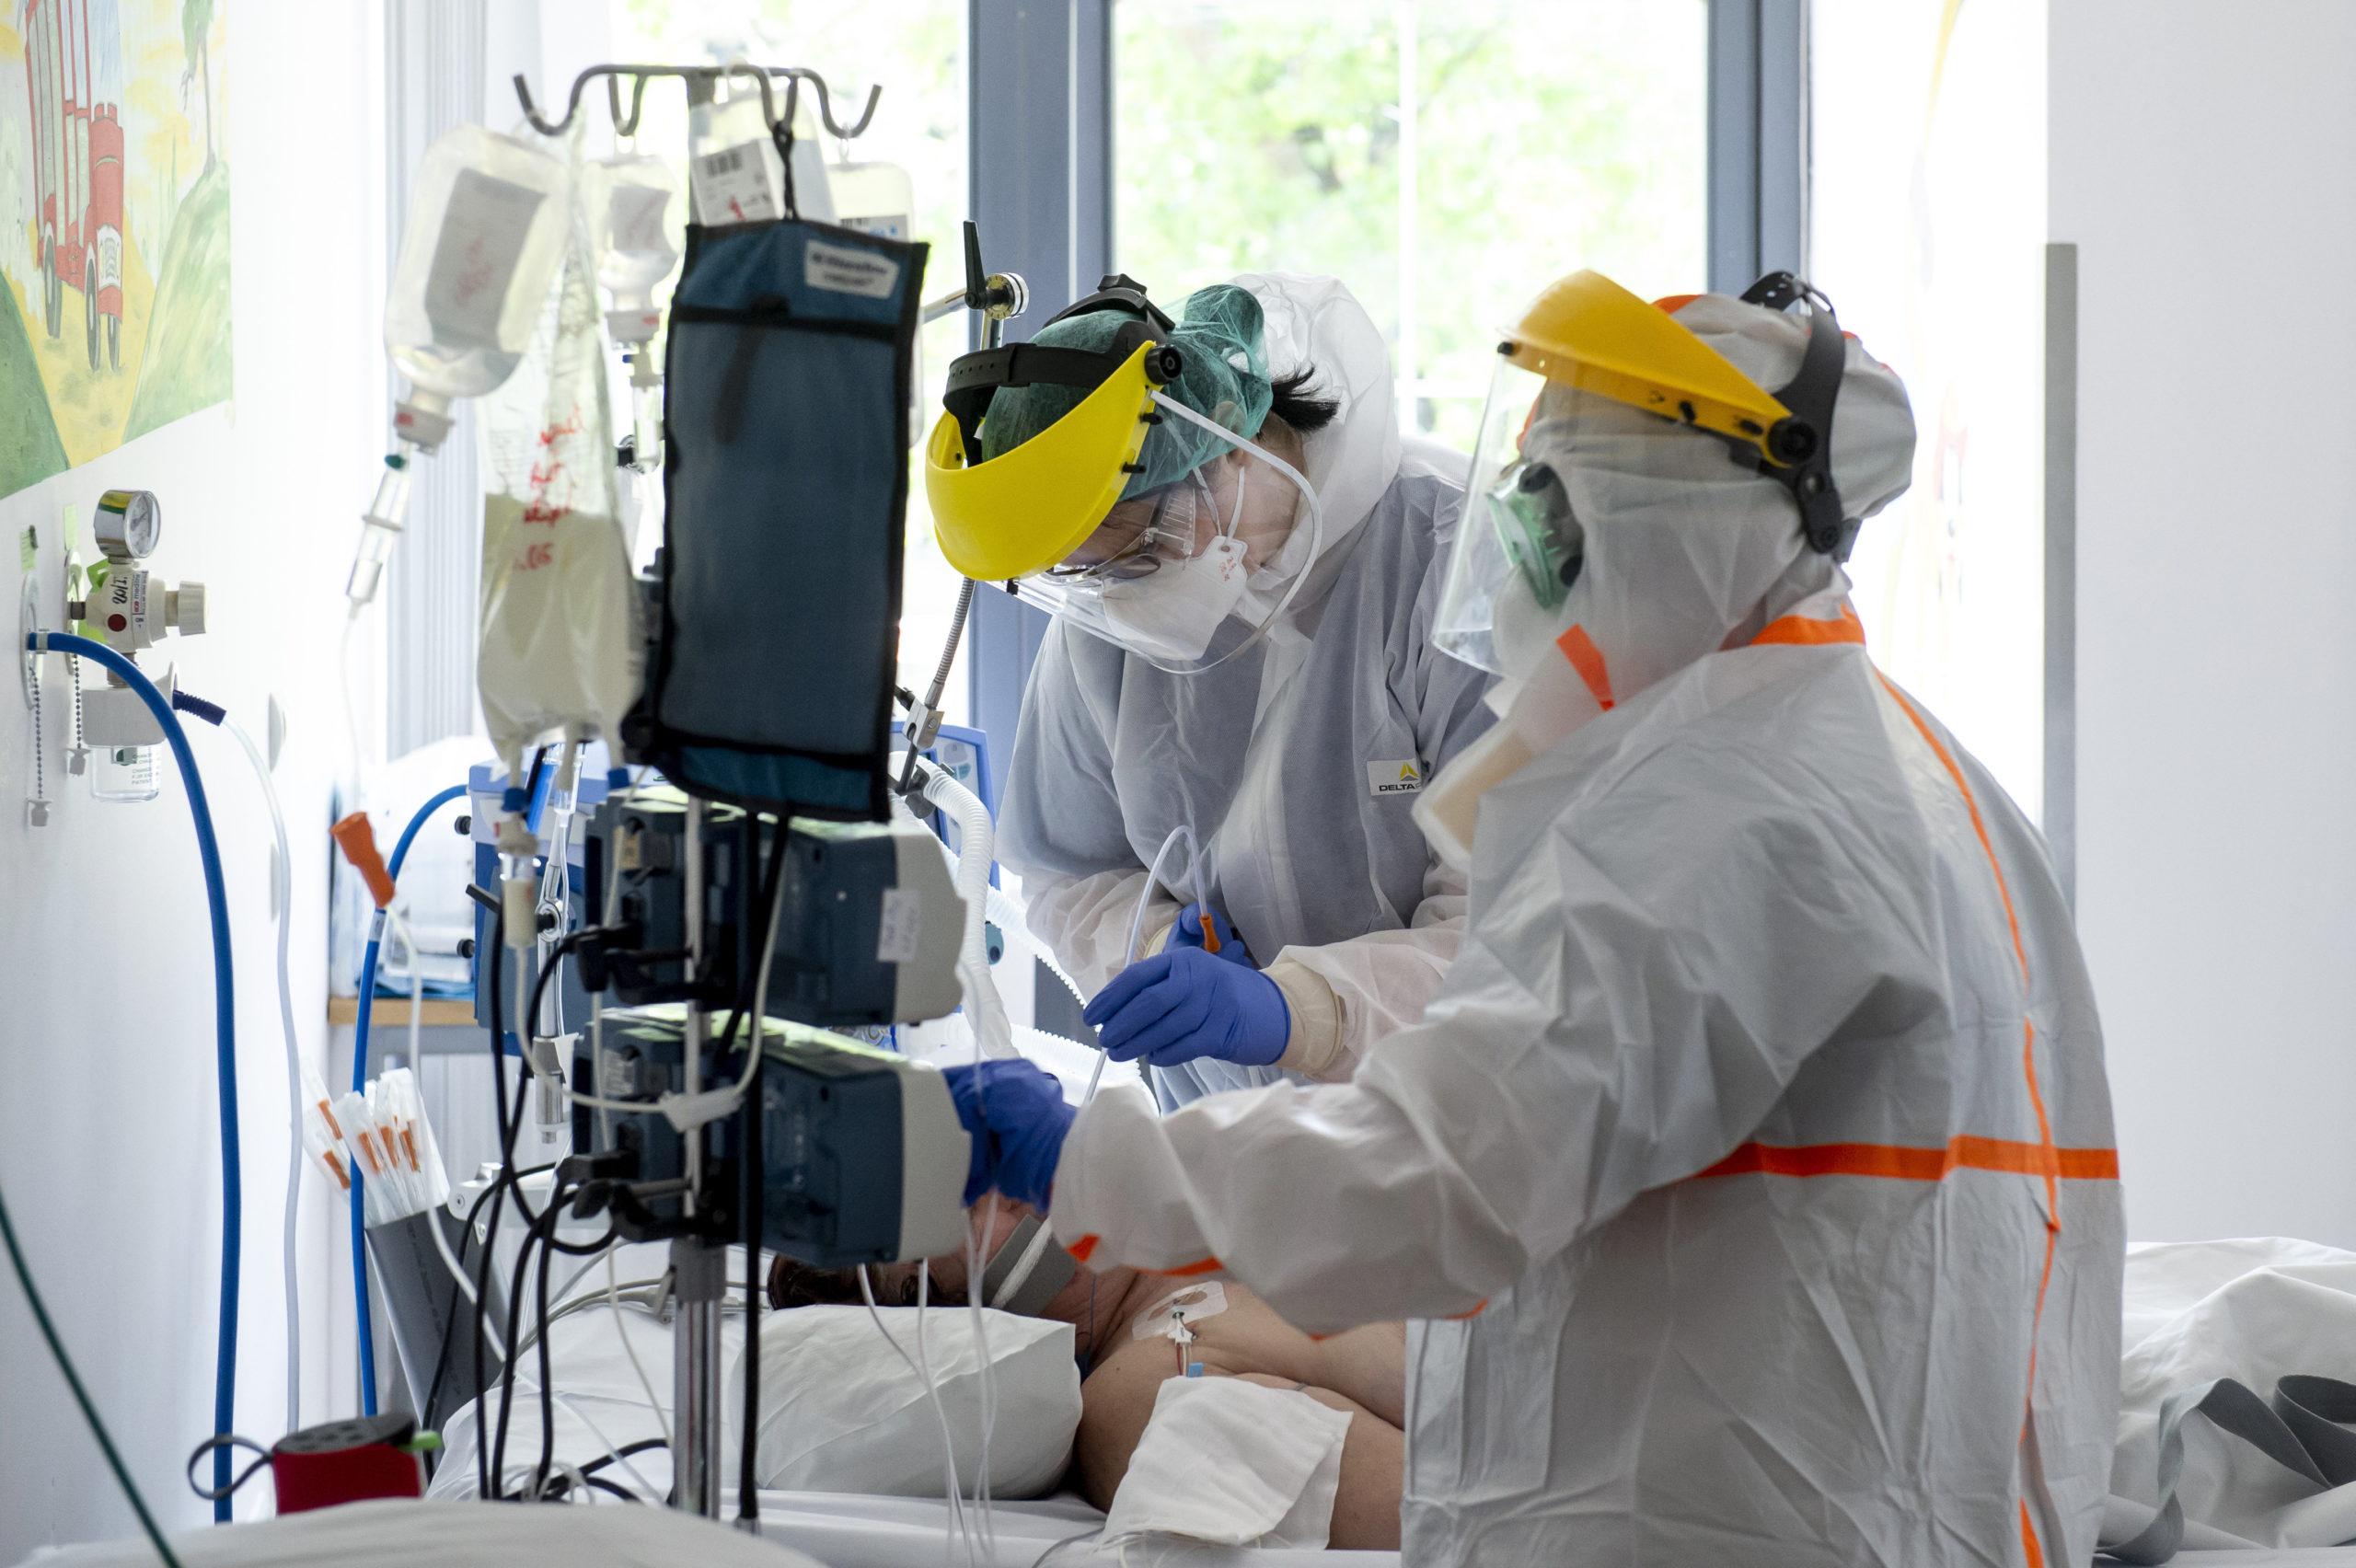 darnózseli áldozat unokatestvére kórházban volt